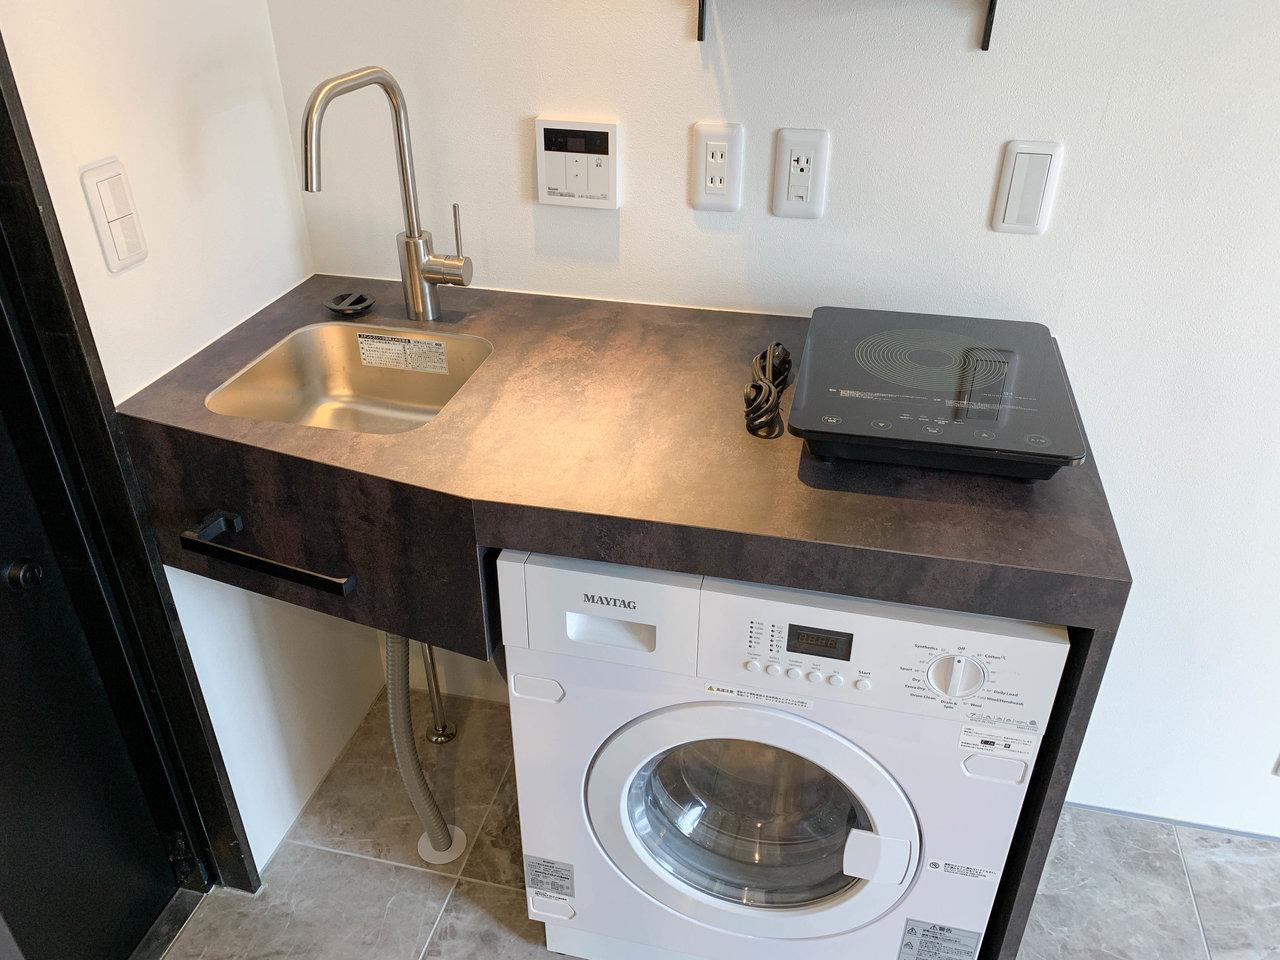 キッチン下には乾燥機付き洗濯機。卓上IHは移動できるので作業場所も確保できます。